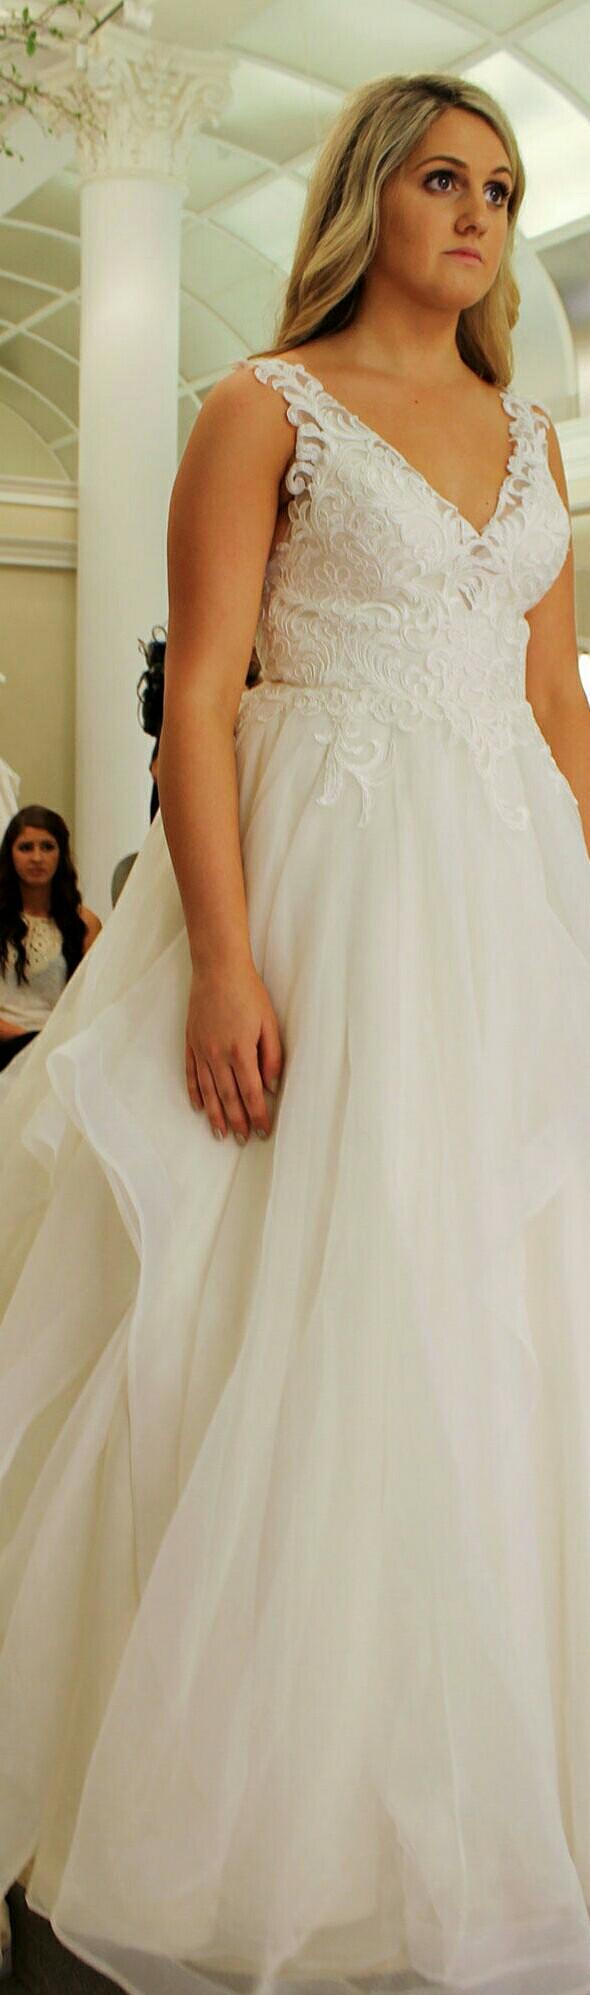 Karyssa Koprusak is Trying on a Wedding Dress for Season 14 - \